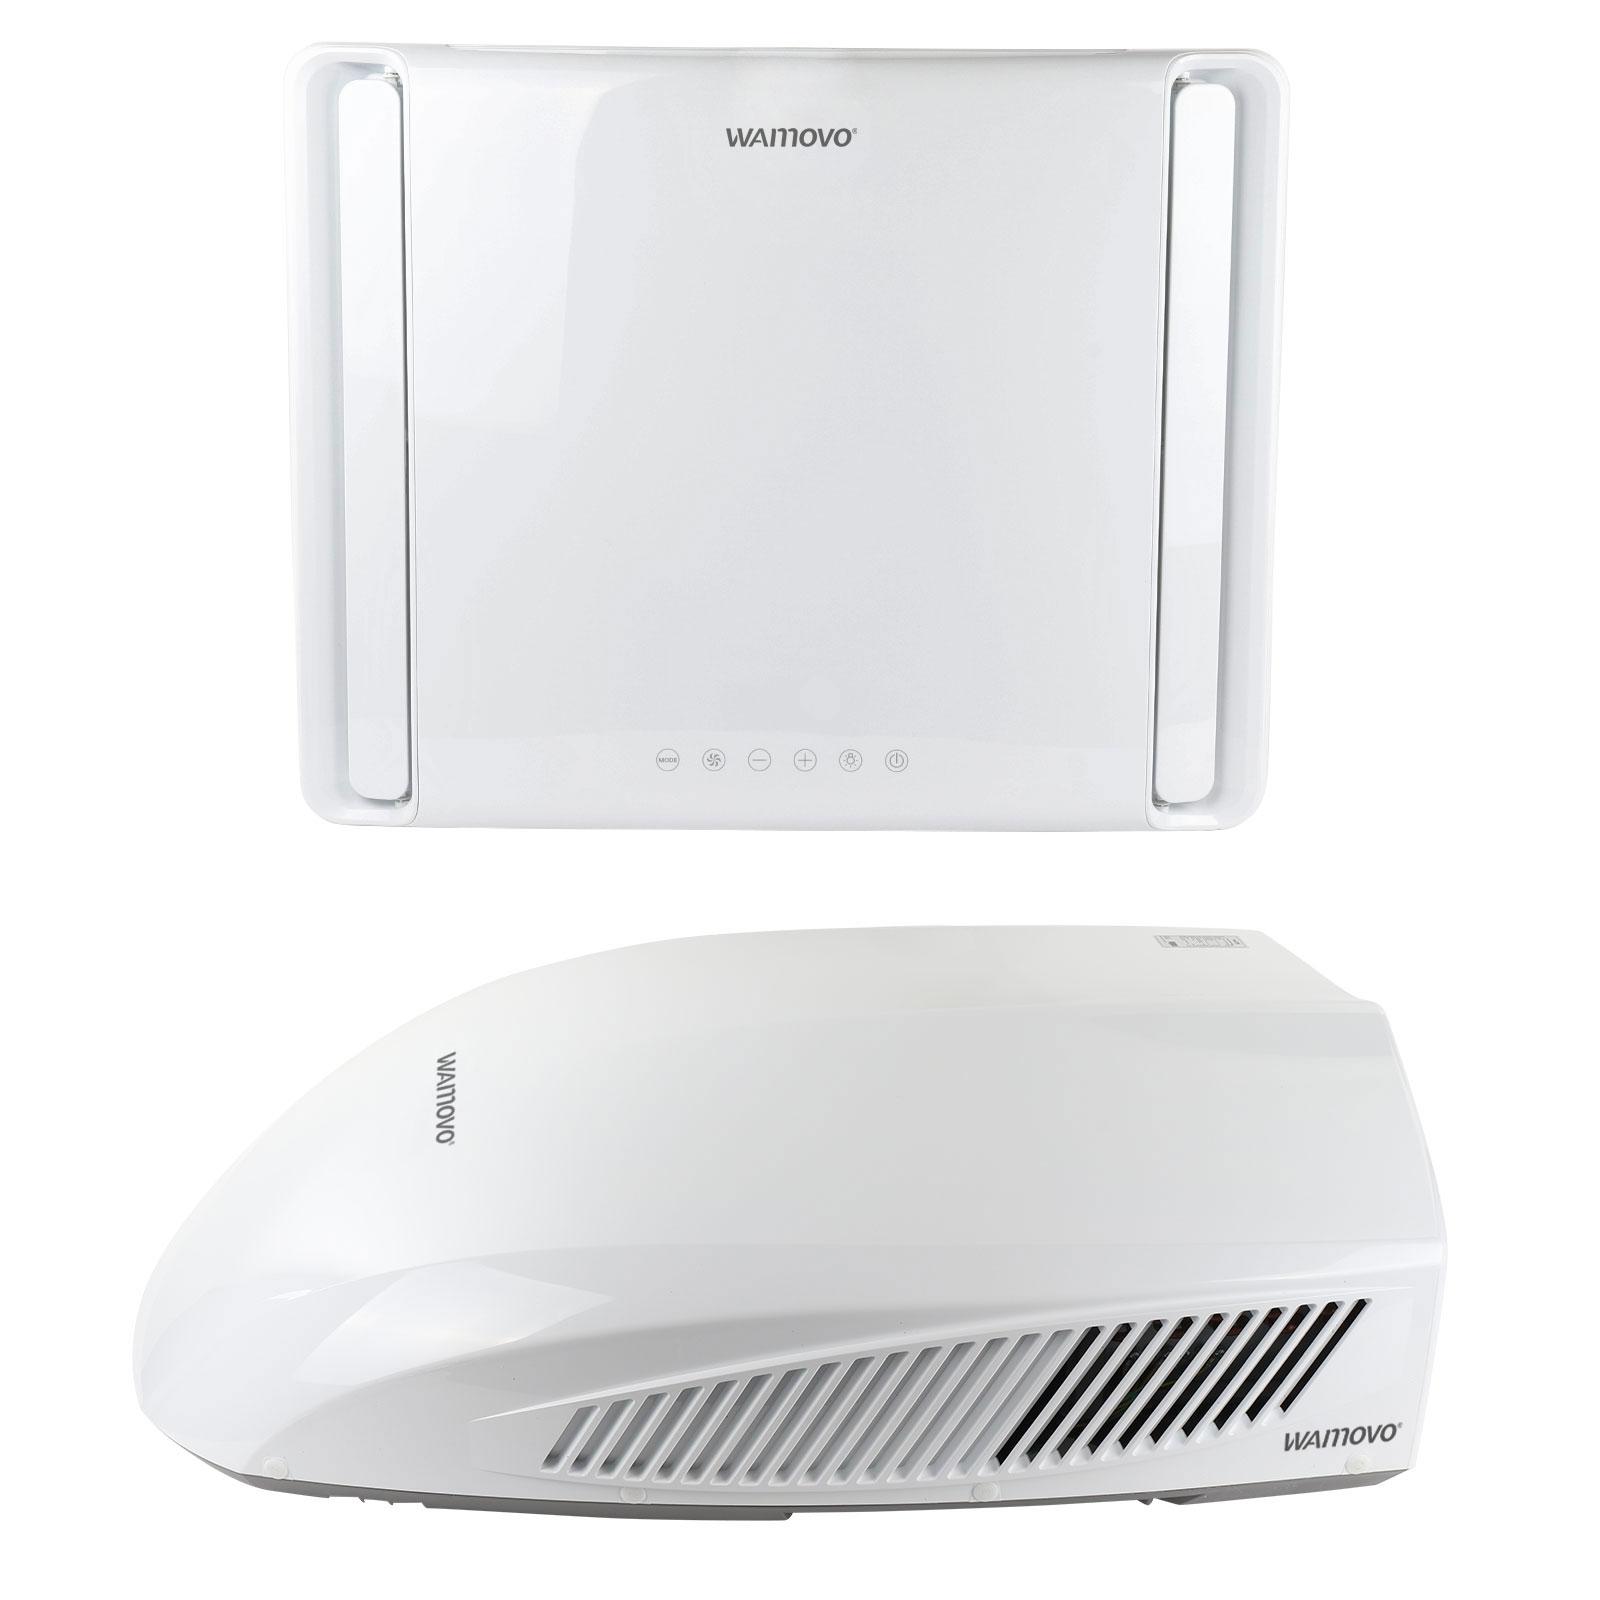 Wamovo Klimaanlage 2500W Dachklimaanlage 40x40 Softstart Turbocool